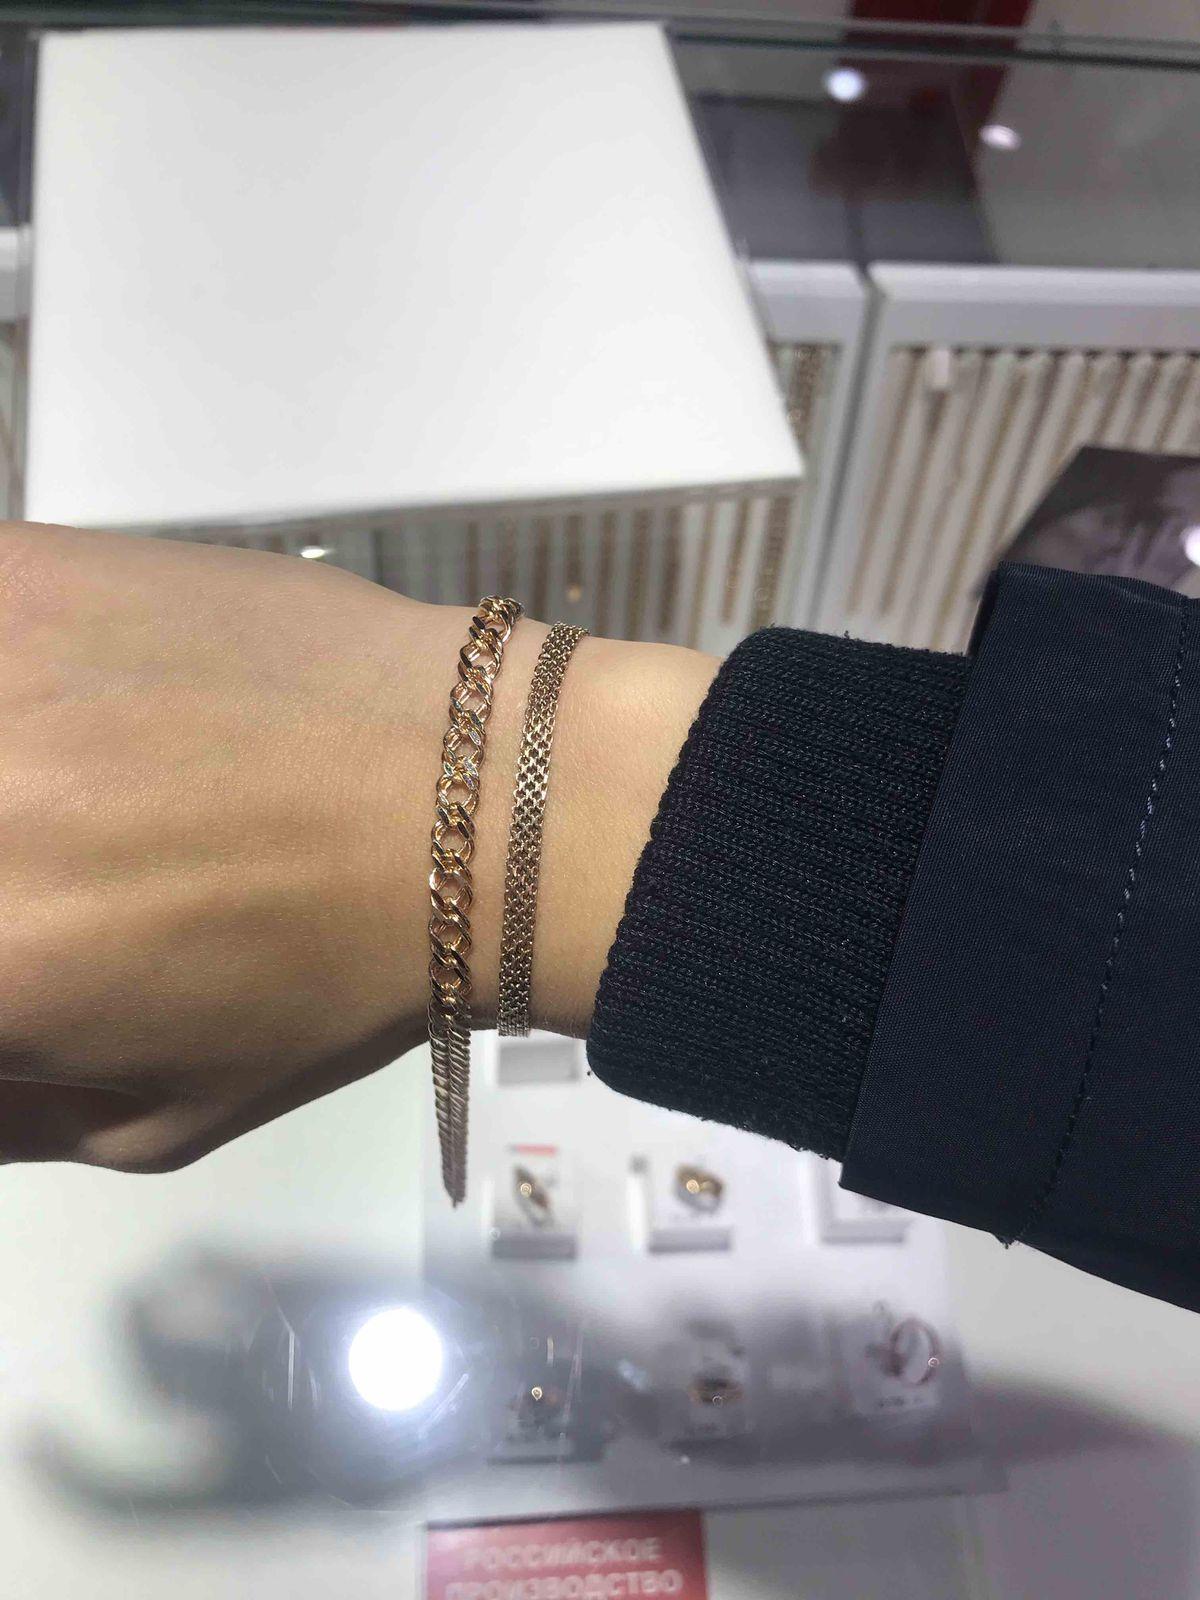 Крутой браслет, подошел по размеру. очень красивый